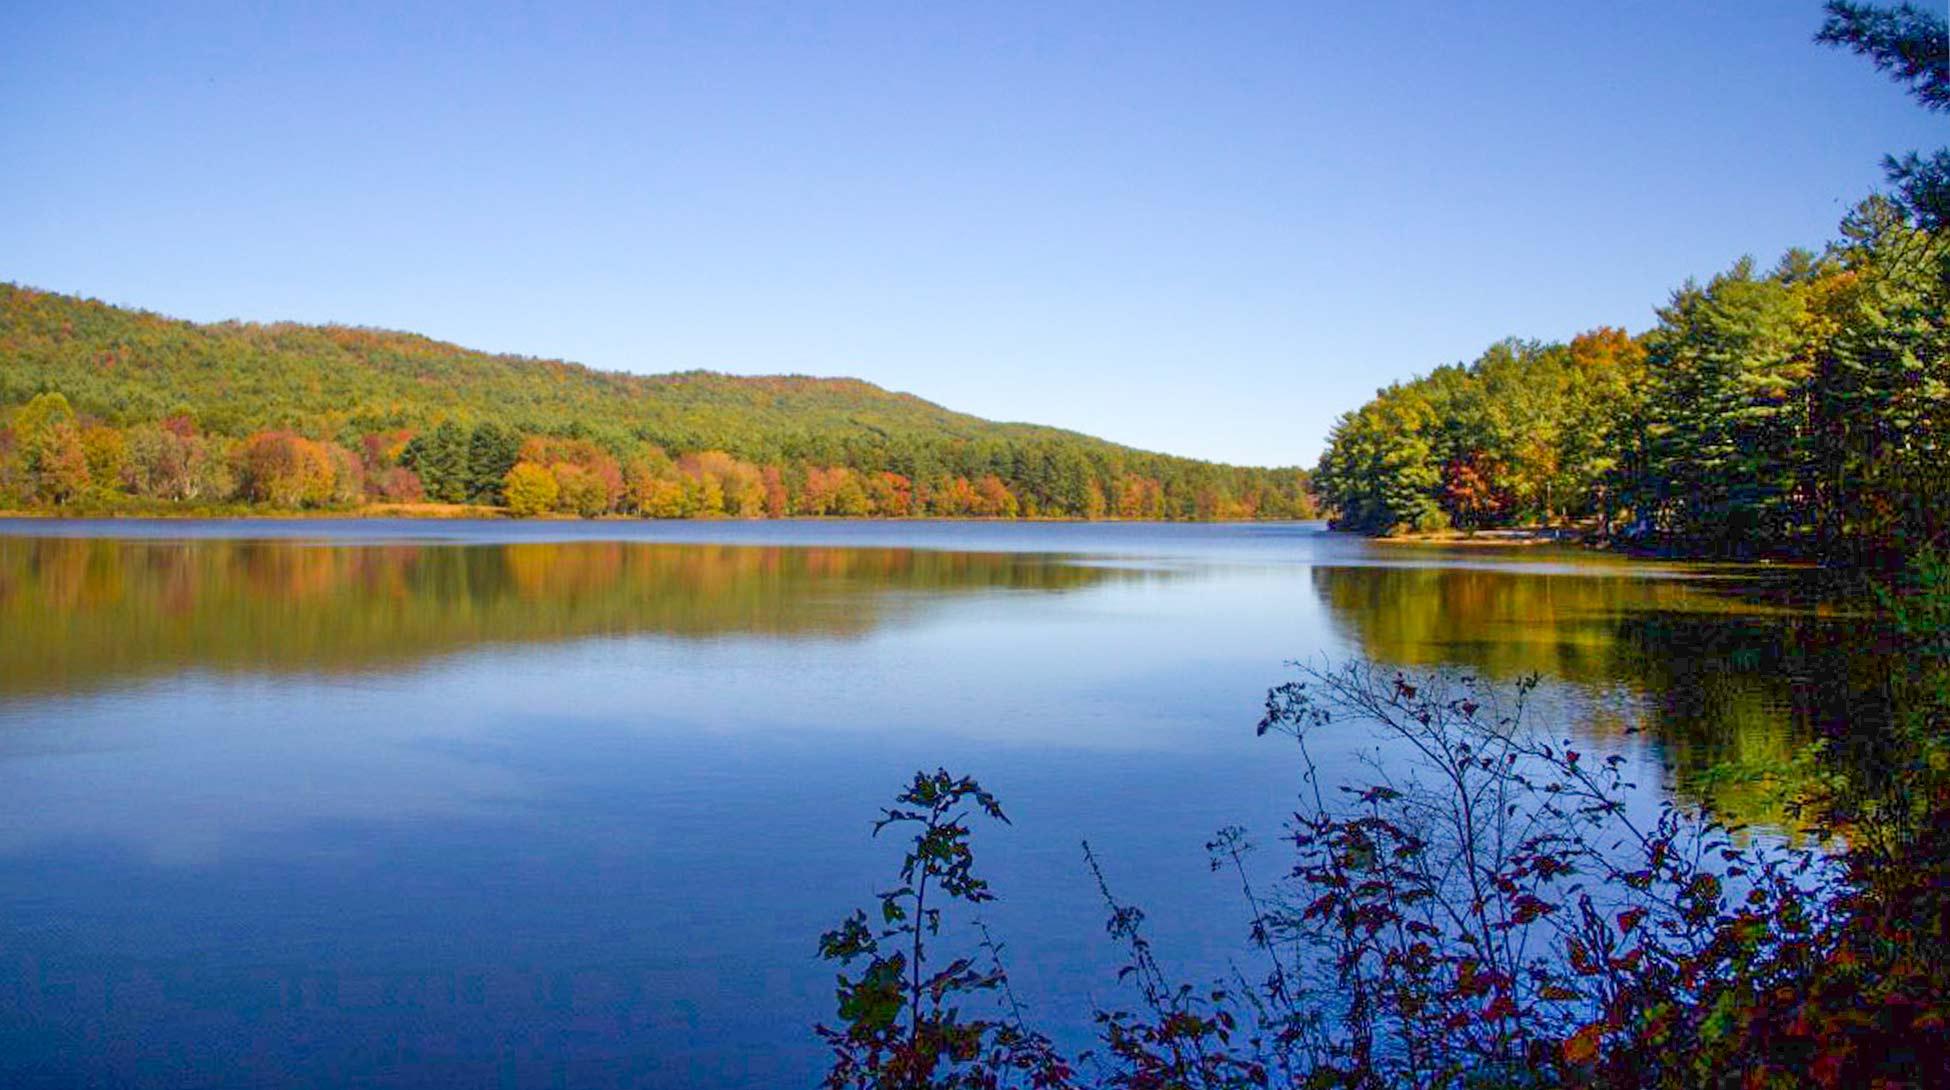 Lake Montauck